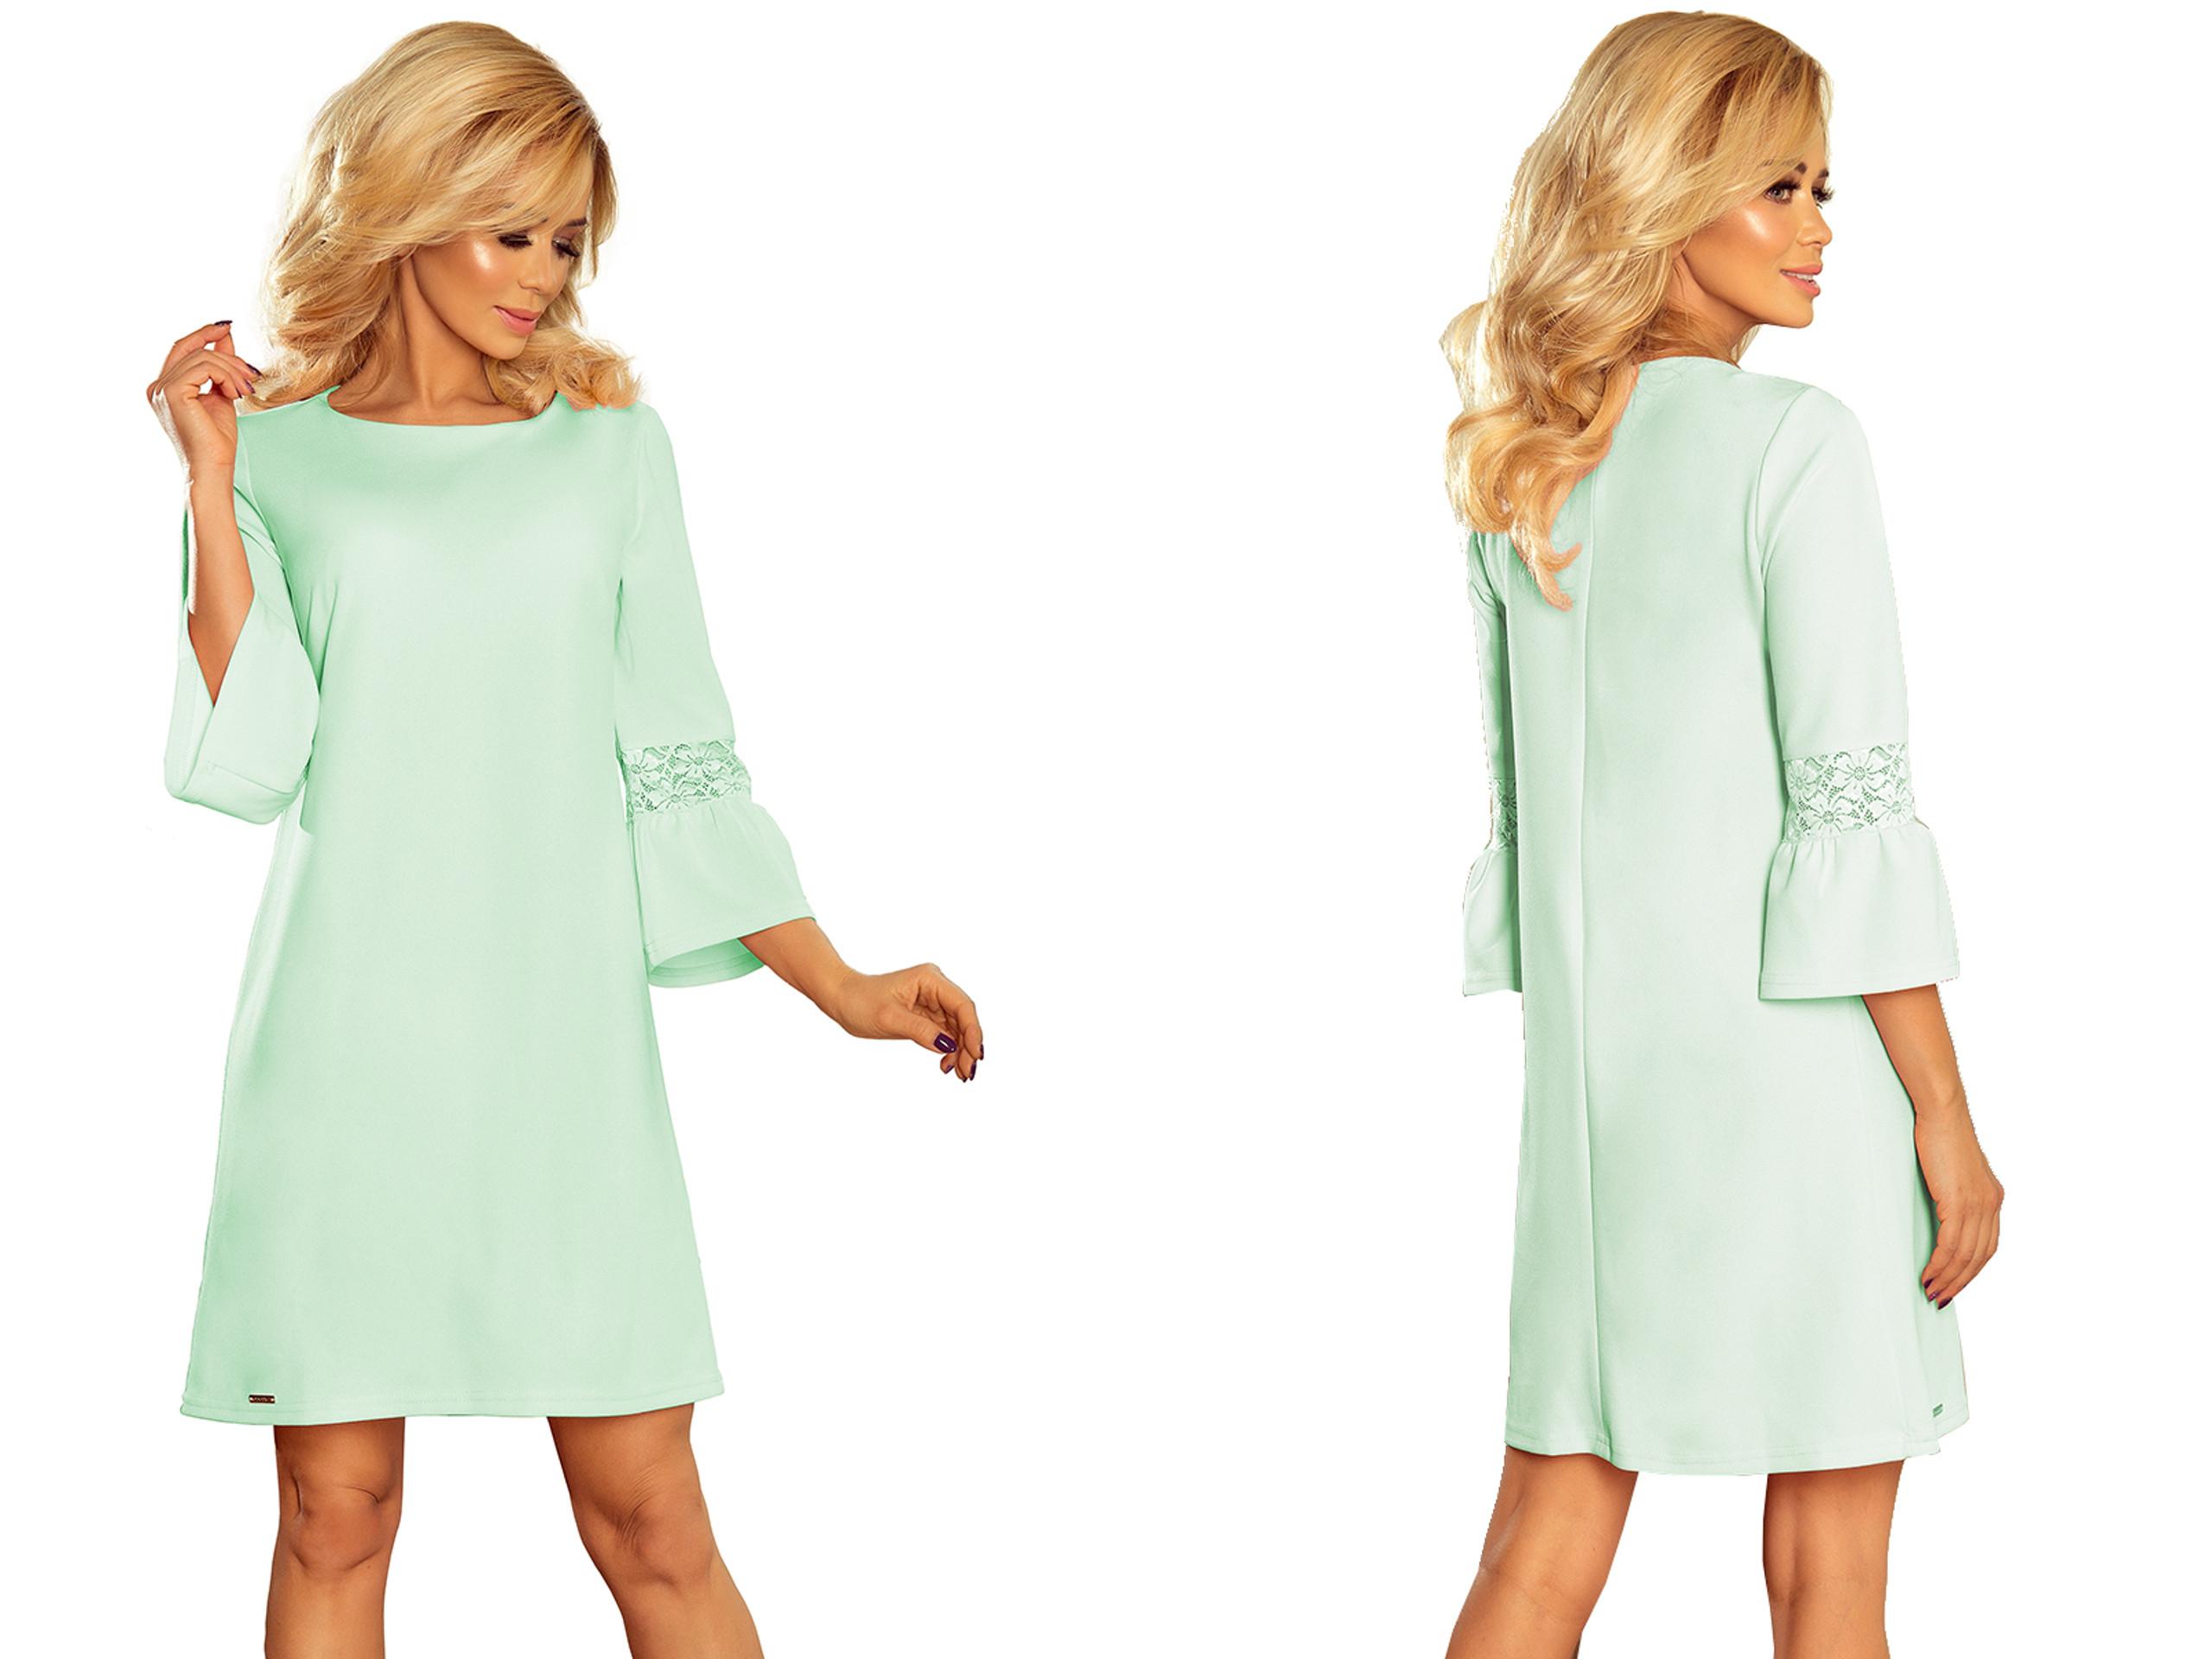 7bbd7b5b00 Krótkie Letnie Sukienki WIZYTOWE DO PRACY 190-4 XL 7451378687 - Allegro.pl